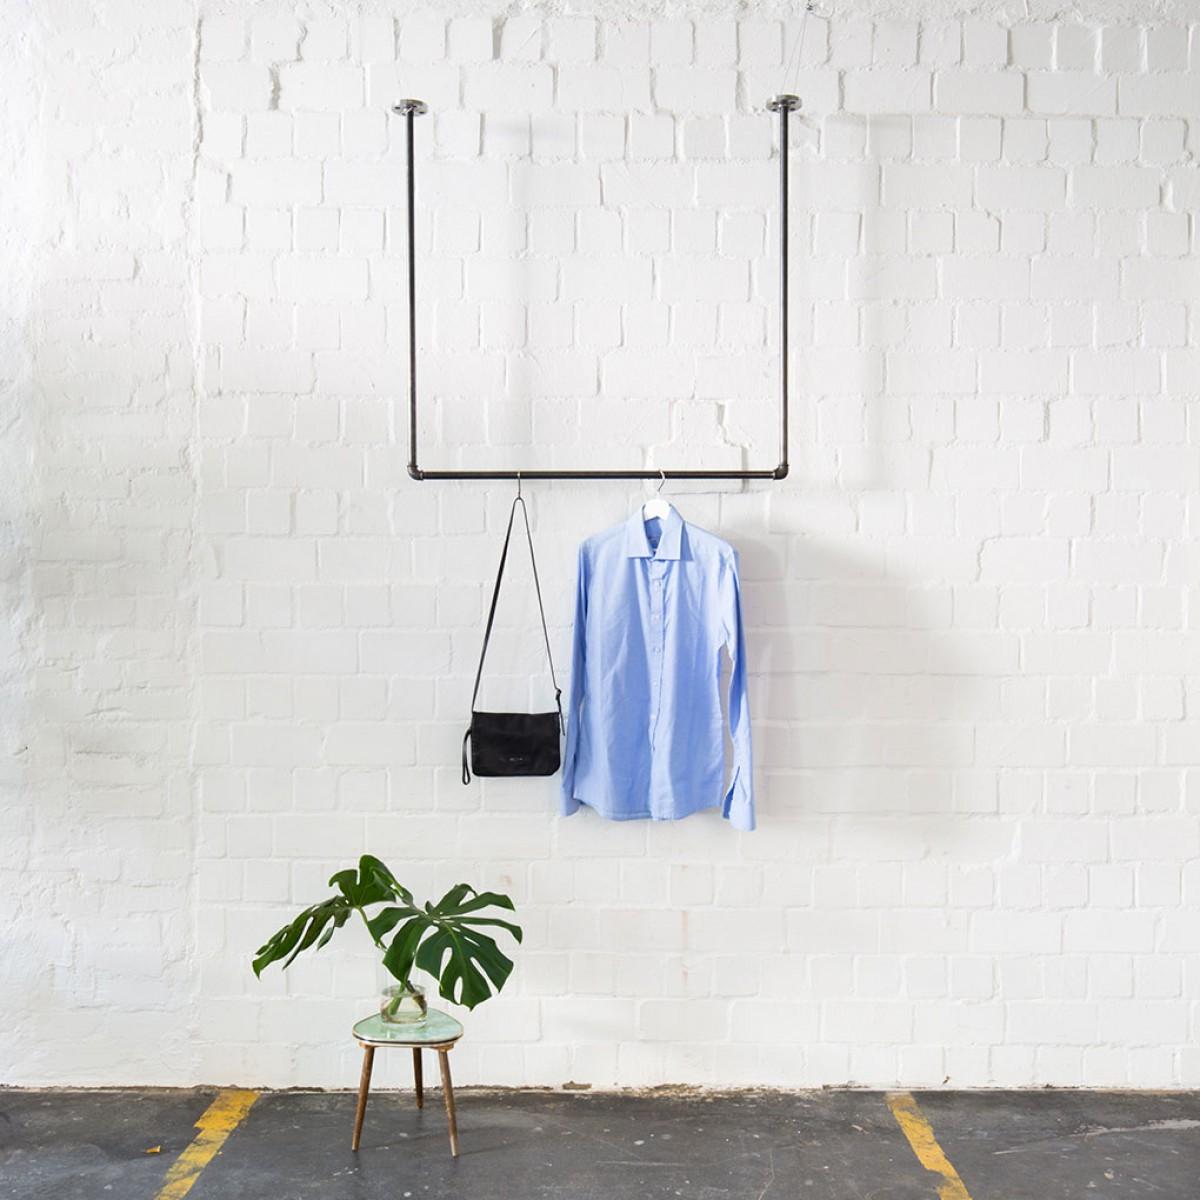 Kleiderstange für Deckenmontage im Industrial Design · Deckenbefestigte Garderobe SWING